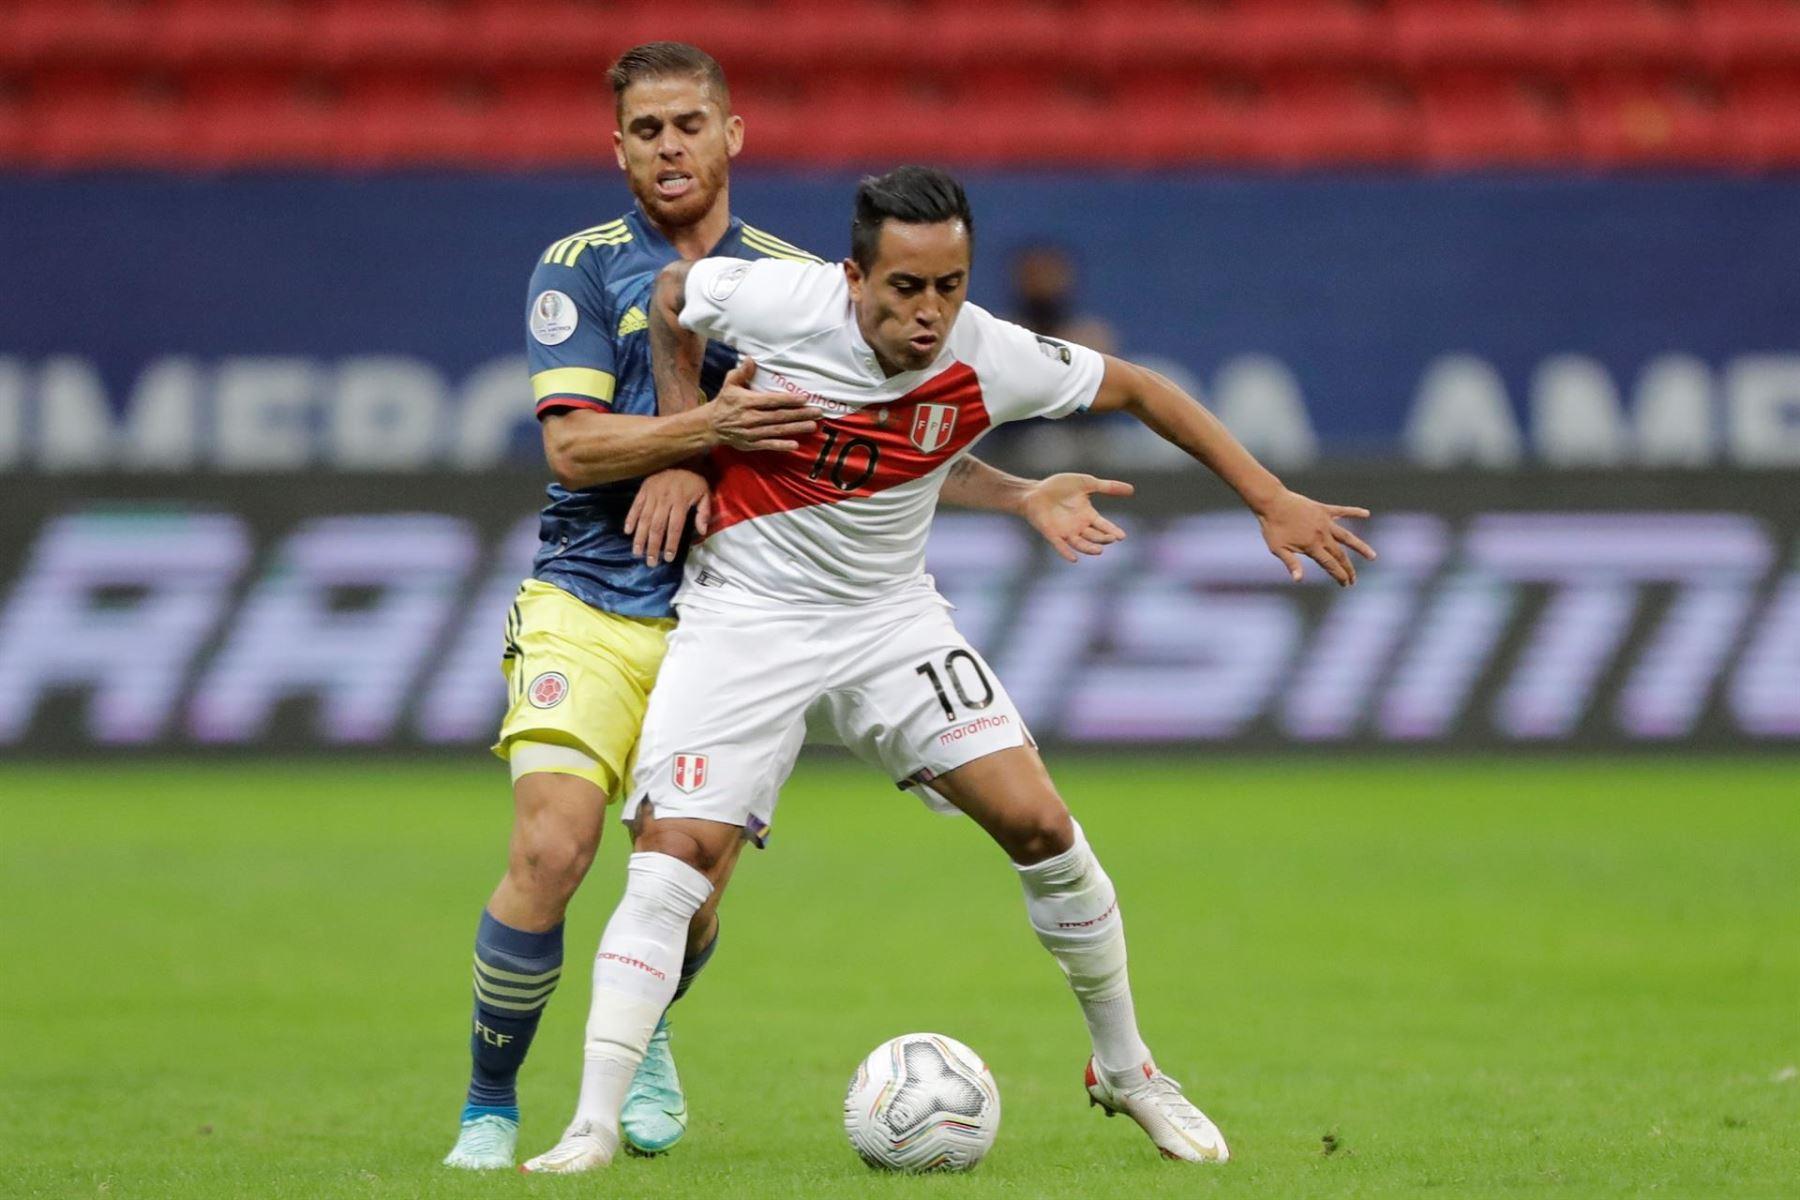 Copa América: Perú empata 2-2 con Colombia en el segundo tiempo